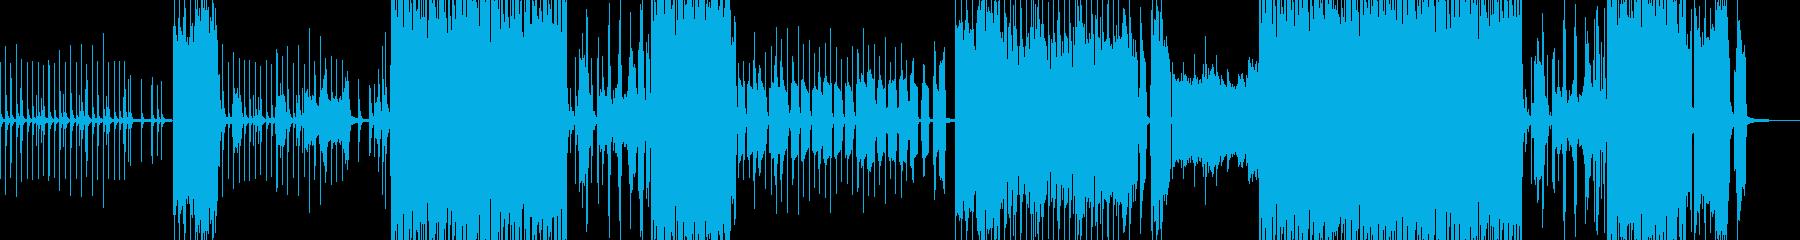 ダークメルヘンなカントリーロック ★の再生済みの波形